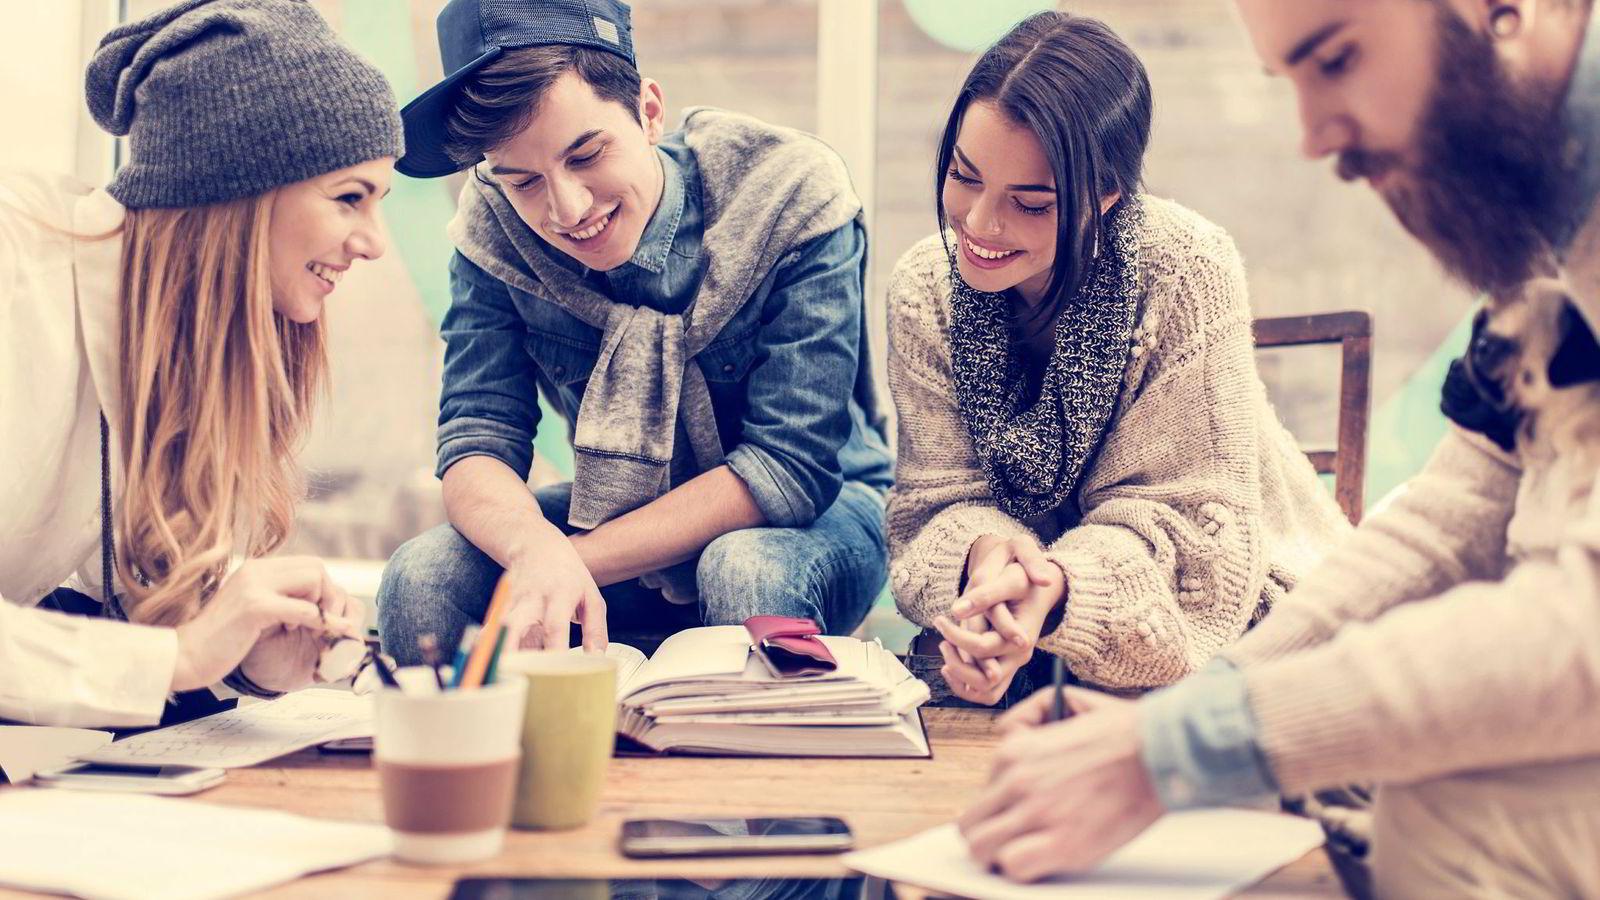 Taletrengte trendanalytikere treffer ikke alltid blink i sine generasjonsanalyser. Nå er spådommen at dagens unge vil bli frilansere og leietagere aller samen.